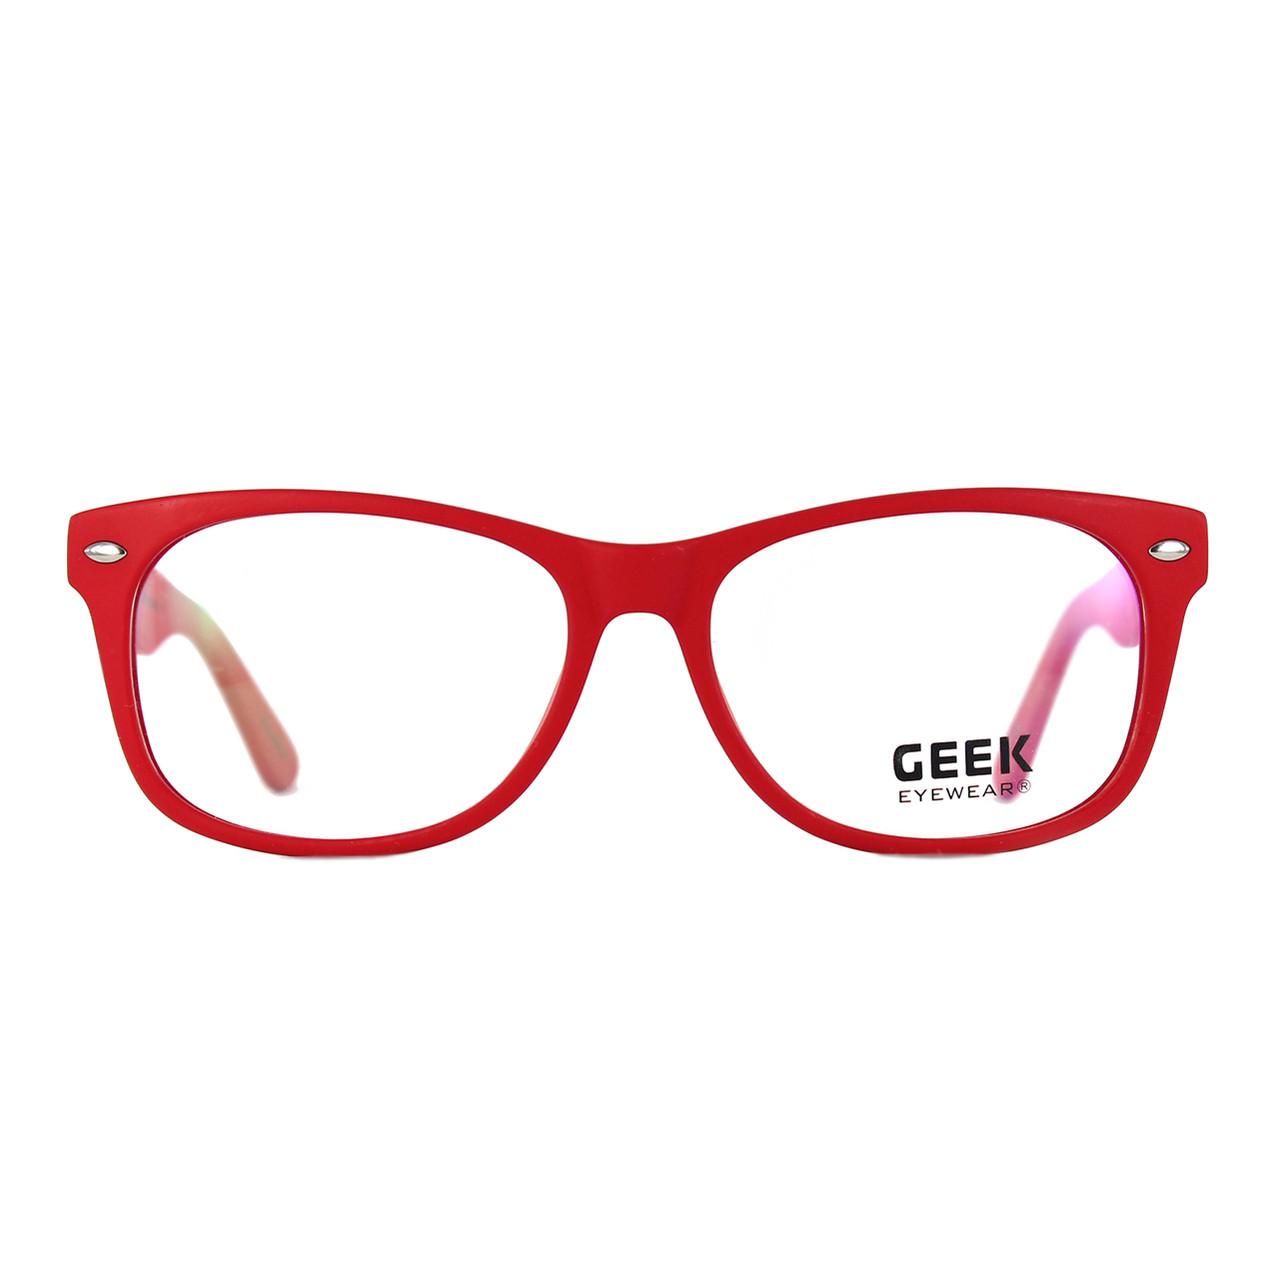 GEEK Eyewear GEEK DJ HOT Red Eyeglasses and Sunglasses